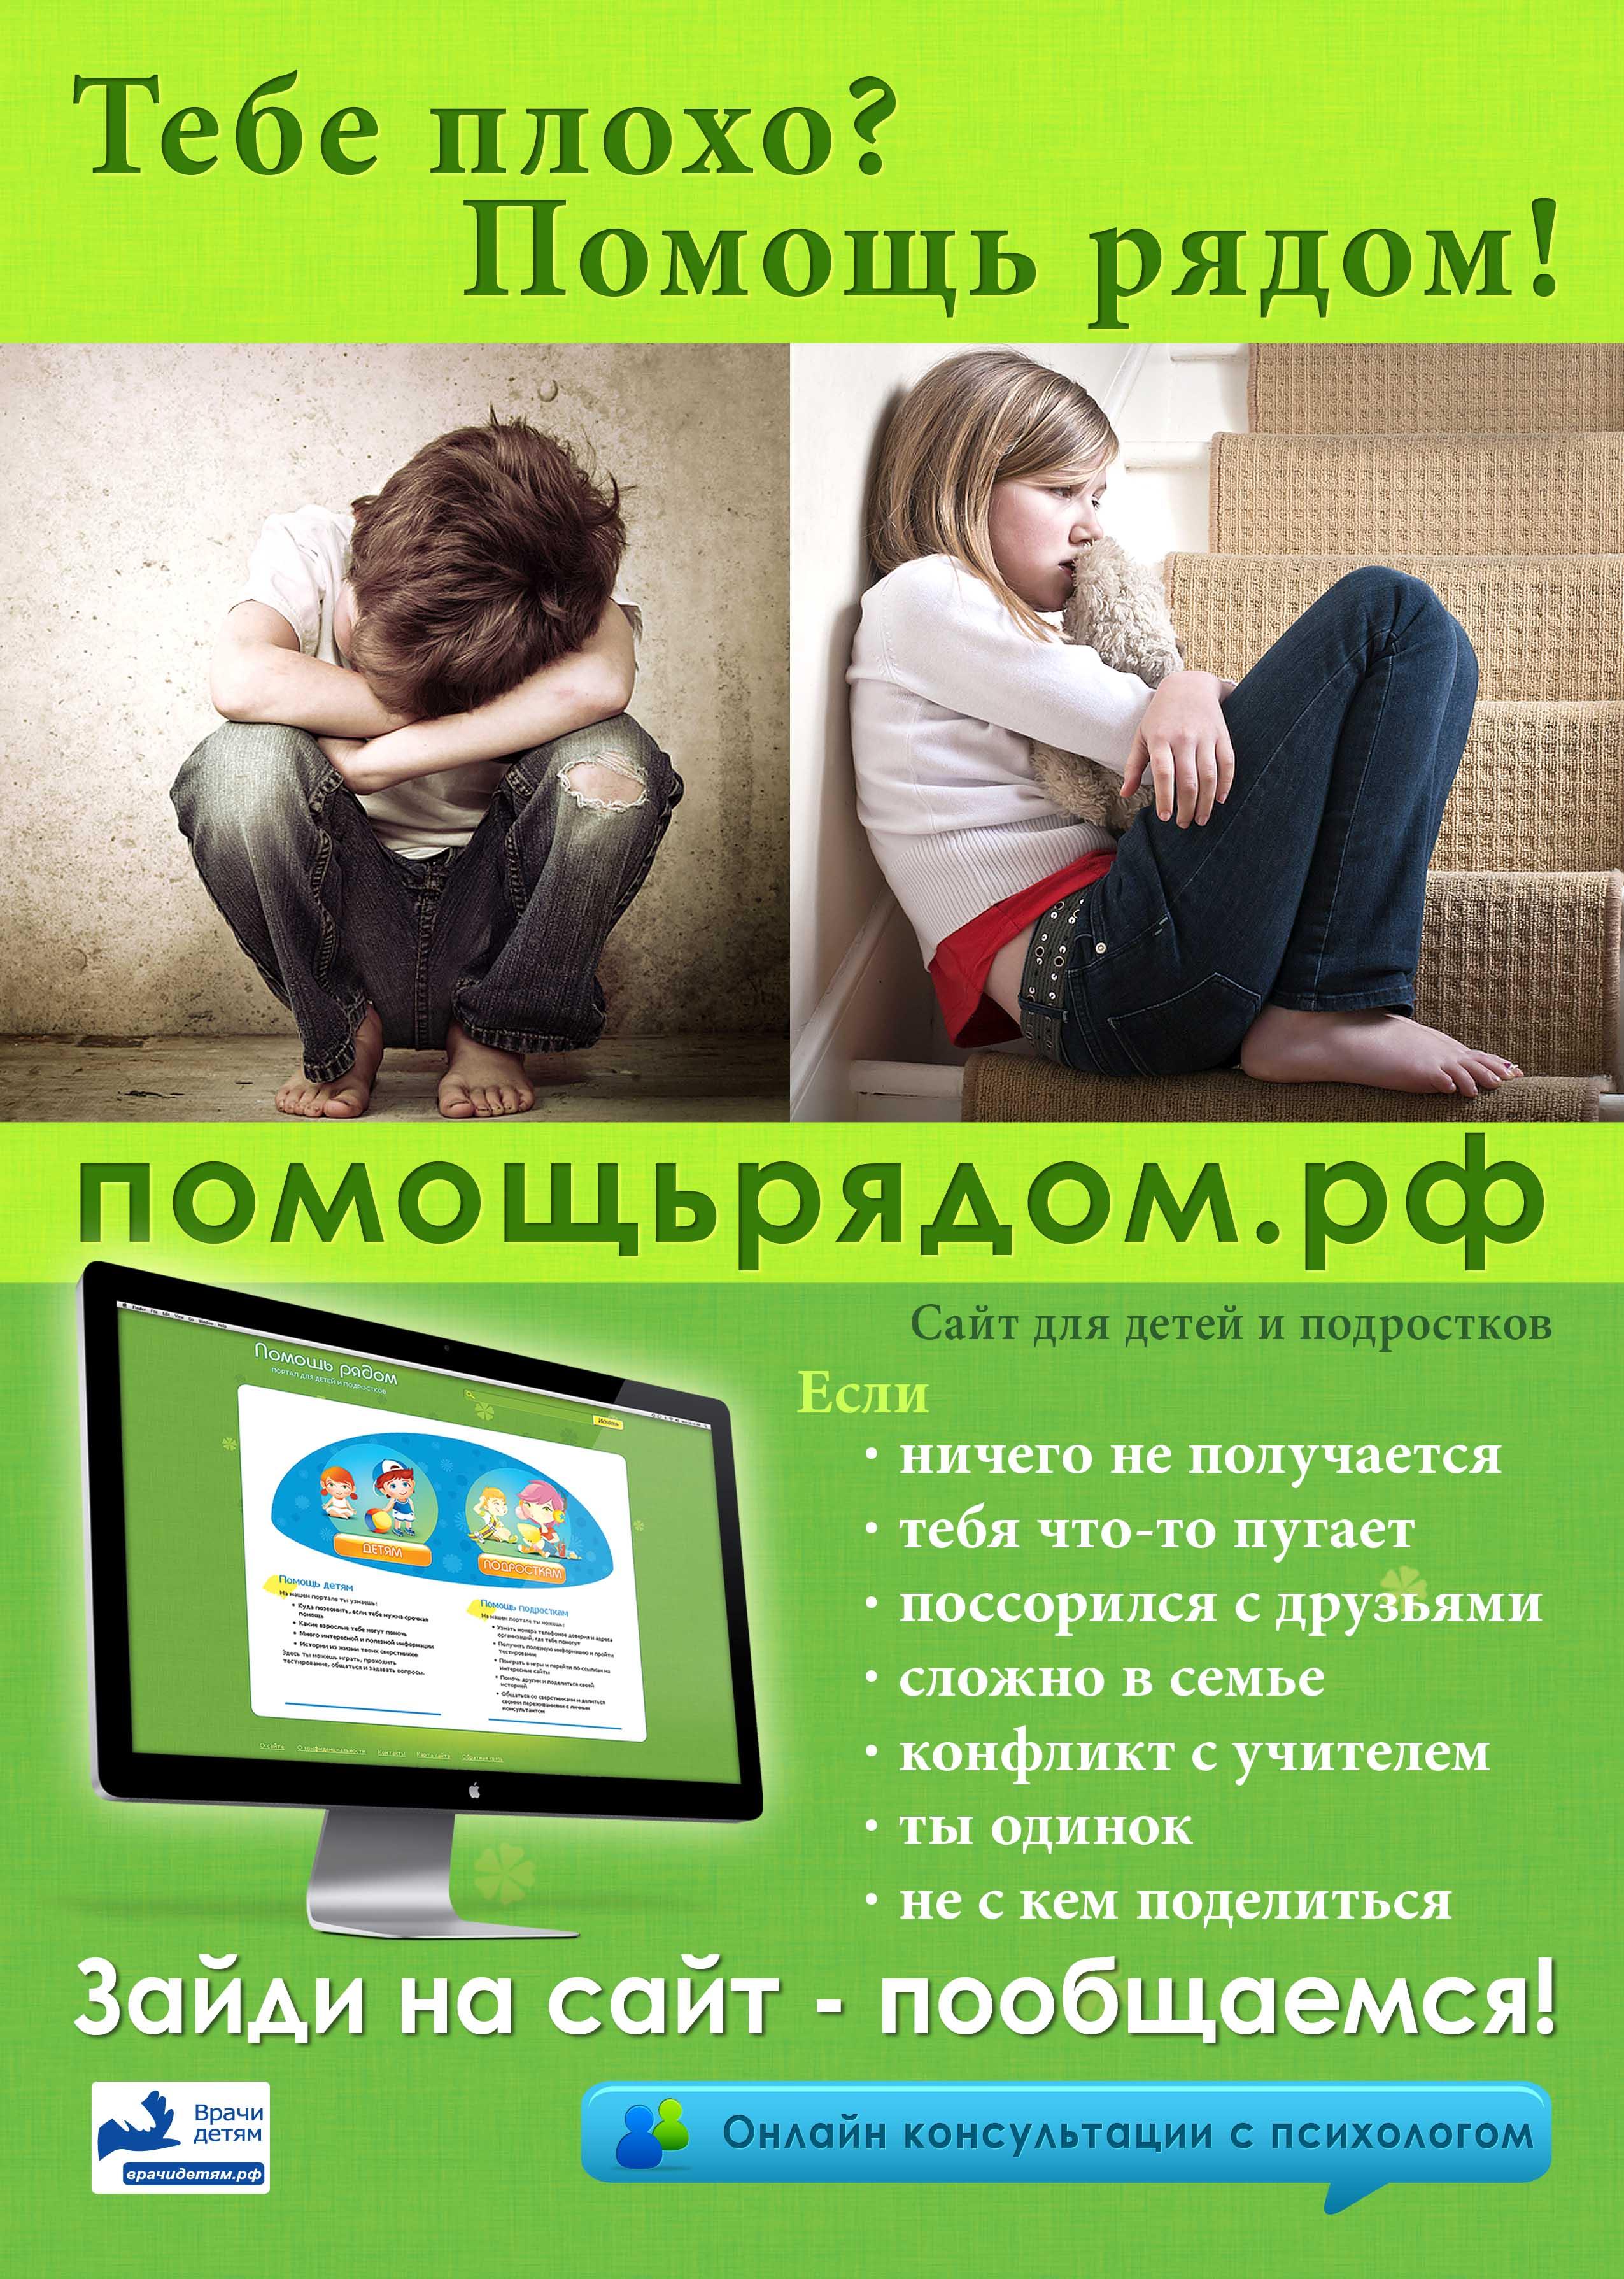 %D0%BF%D0%BE%D0%BC%D0%BE%D1%89%D1%8C Психологи, Психотерапевты И Логопеды В Санкт Петербурге